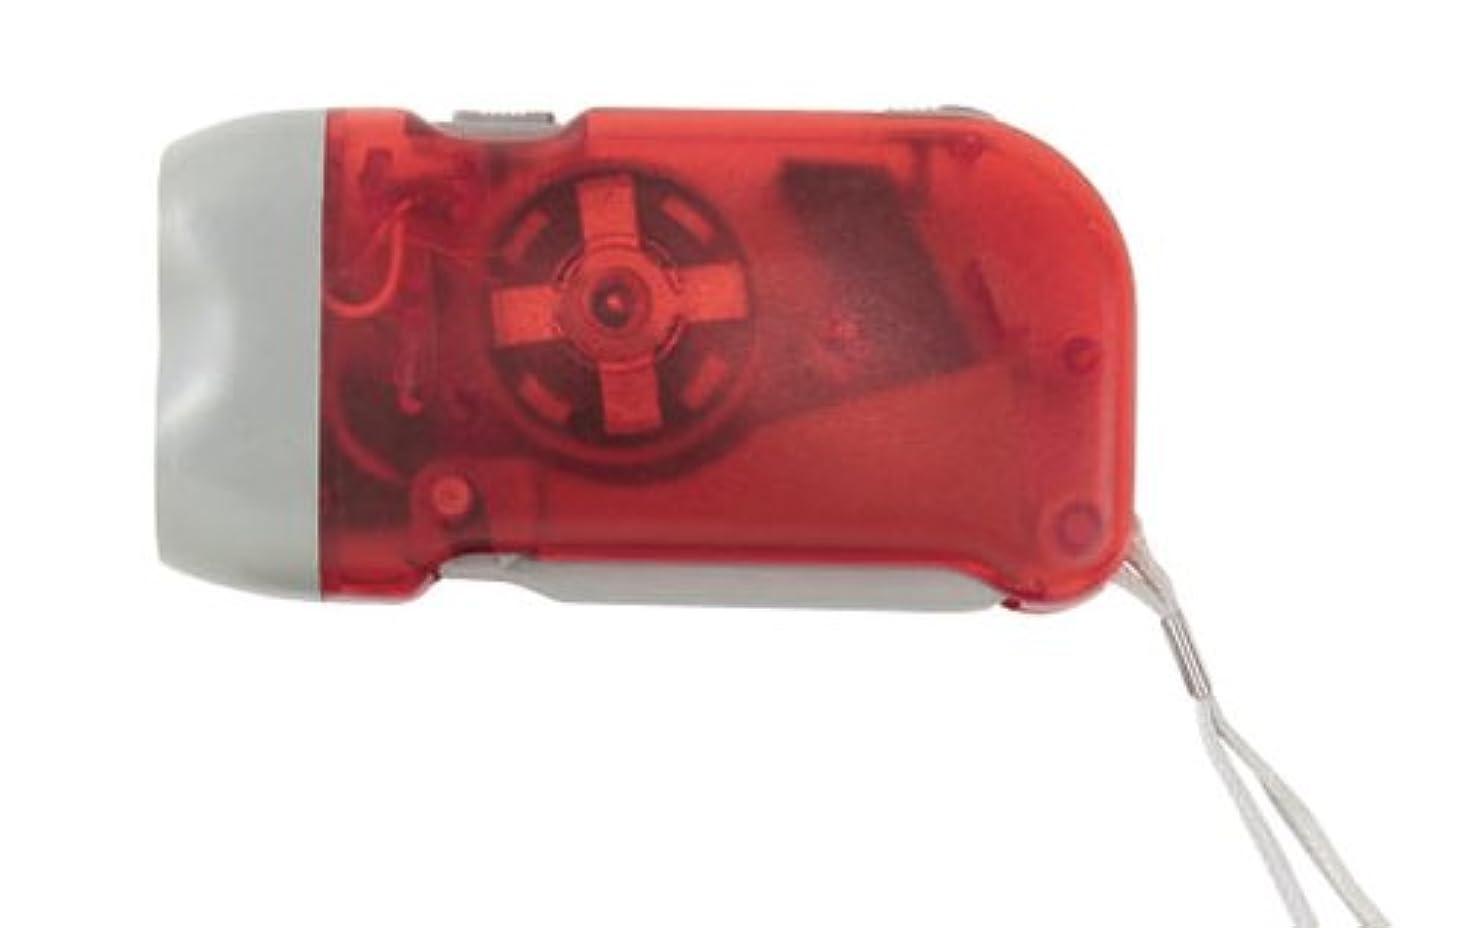 予報現実想定するミムゴ(MIMUGO) 蓄電式LEDライト おたすけくん 赤 【電池不要】 #11365 RD